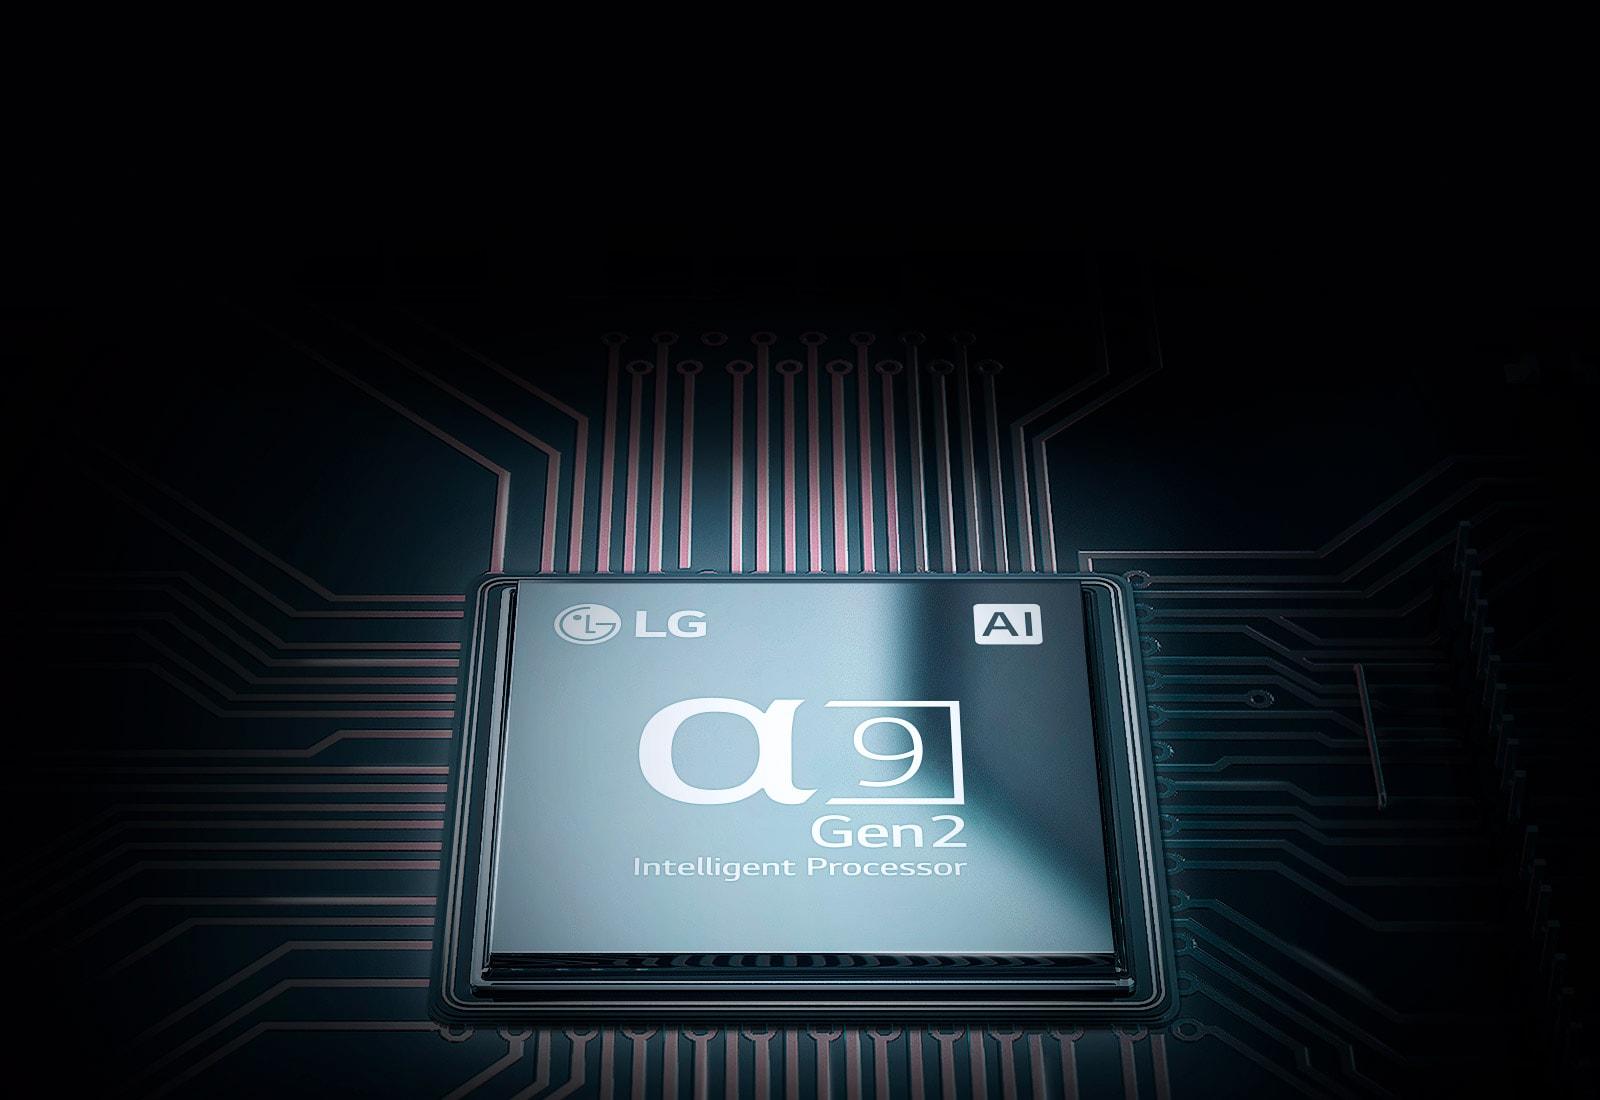 α9 Gen 2 Intelligent Processor is LG's Best 4K Processor Yet